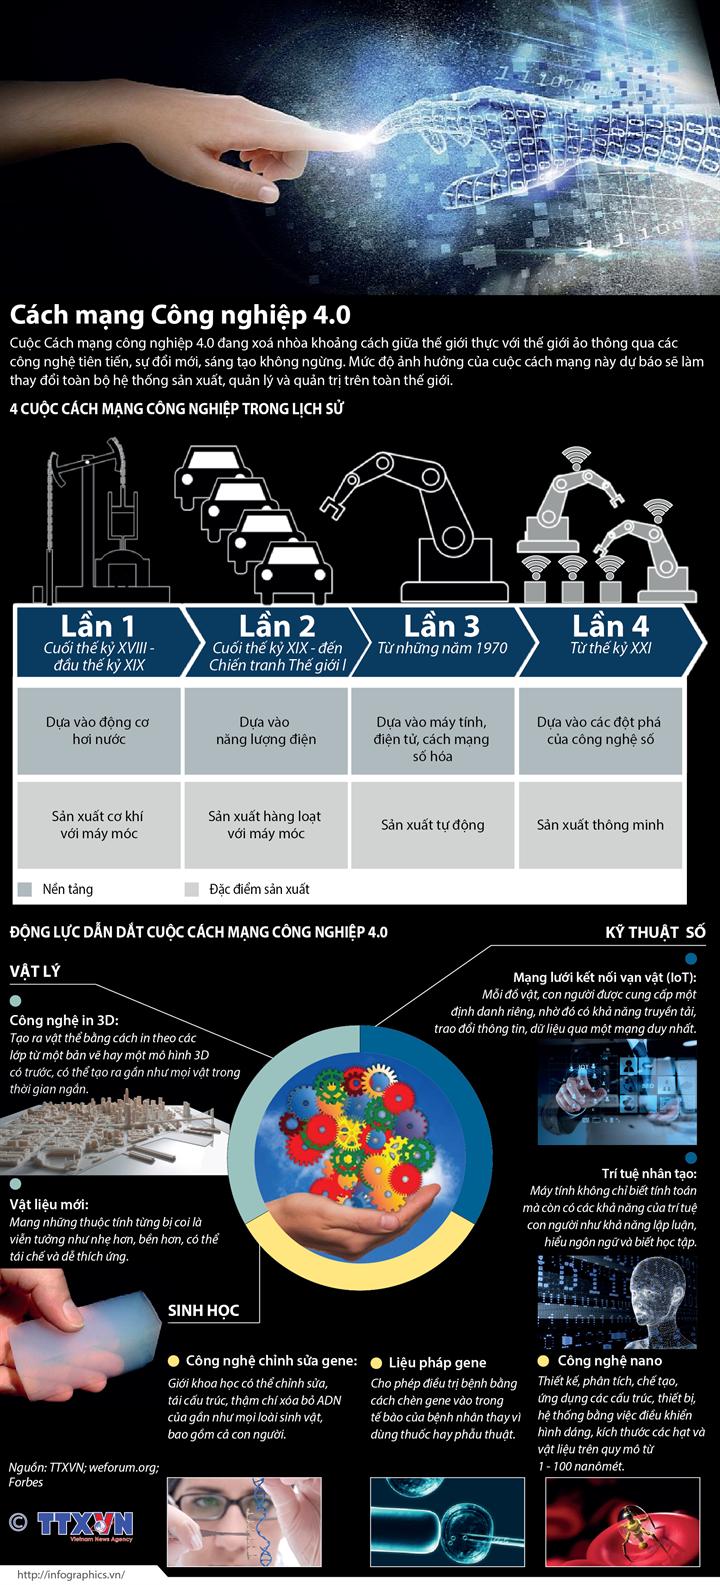 Cách mạng Công nghiệp 4.0